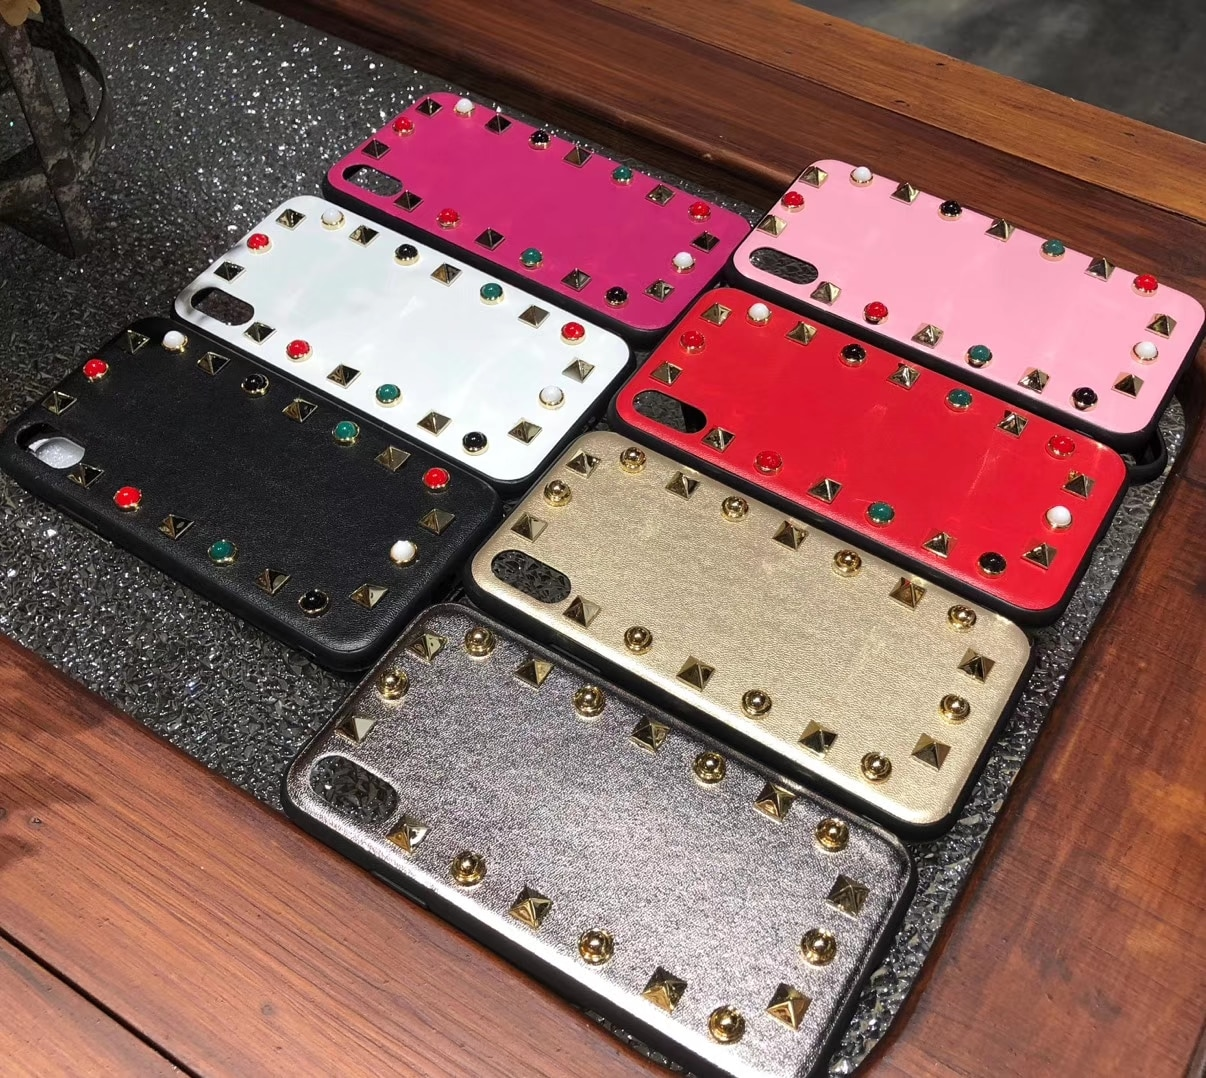 Luxe Leer Bezaaid Klinknagel Kleurrijke Jewelled Telefoon Case Voor iPhone 11 Pro X XS Max XR 7 8 Plus Telefoon gevallen Cover Coque Fundas